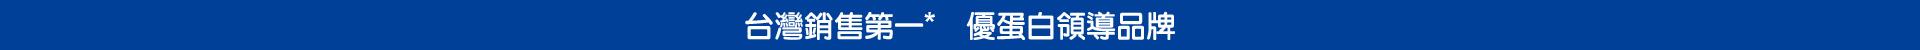 補體素是台灣銷售第一的營養品品牌,專門針對台灣人設計的各種營養品,包含奶粉及即開即飲型。